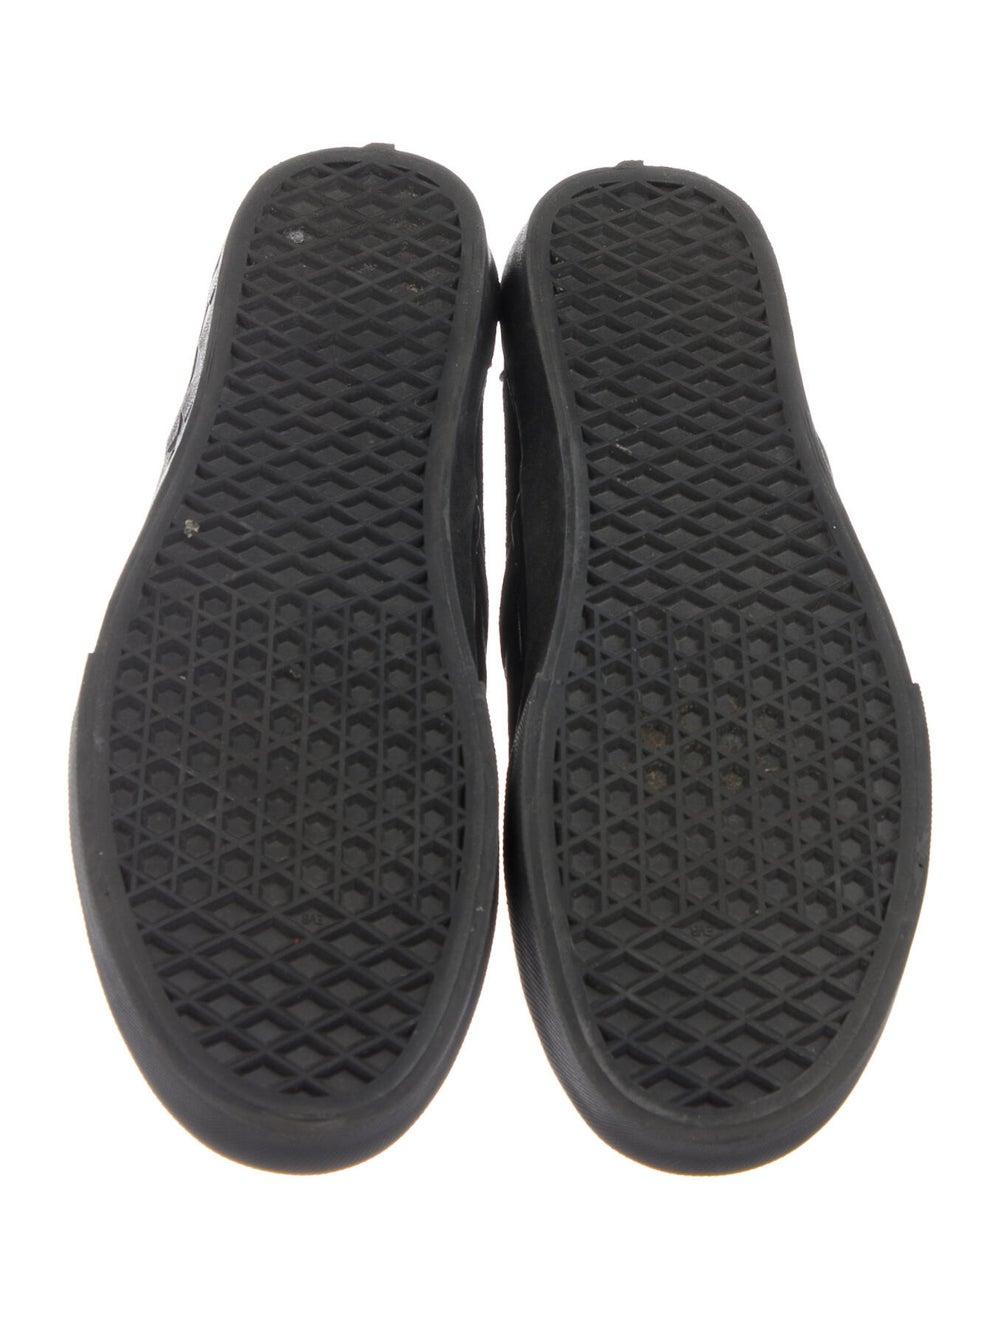 Vans x David Bowie Sneakers Black - image 5